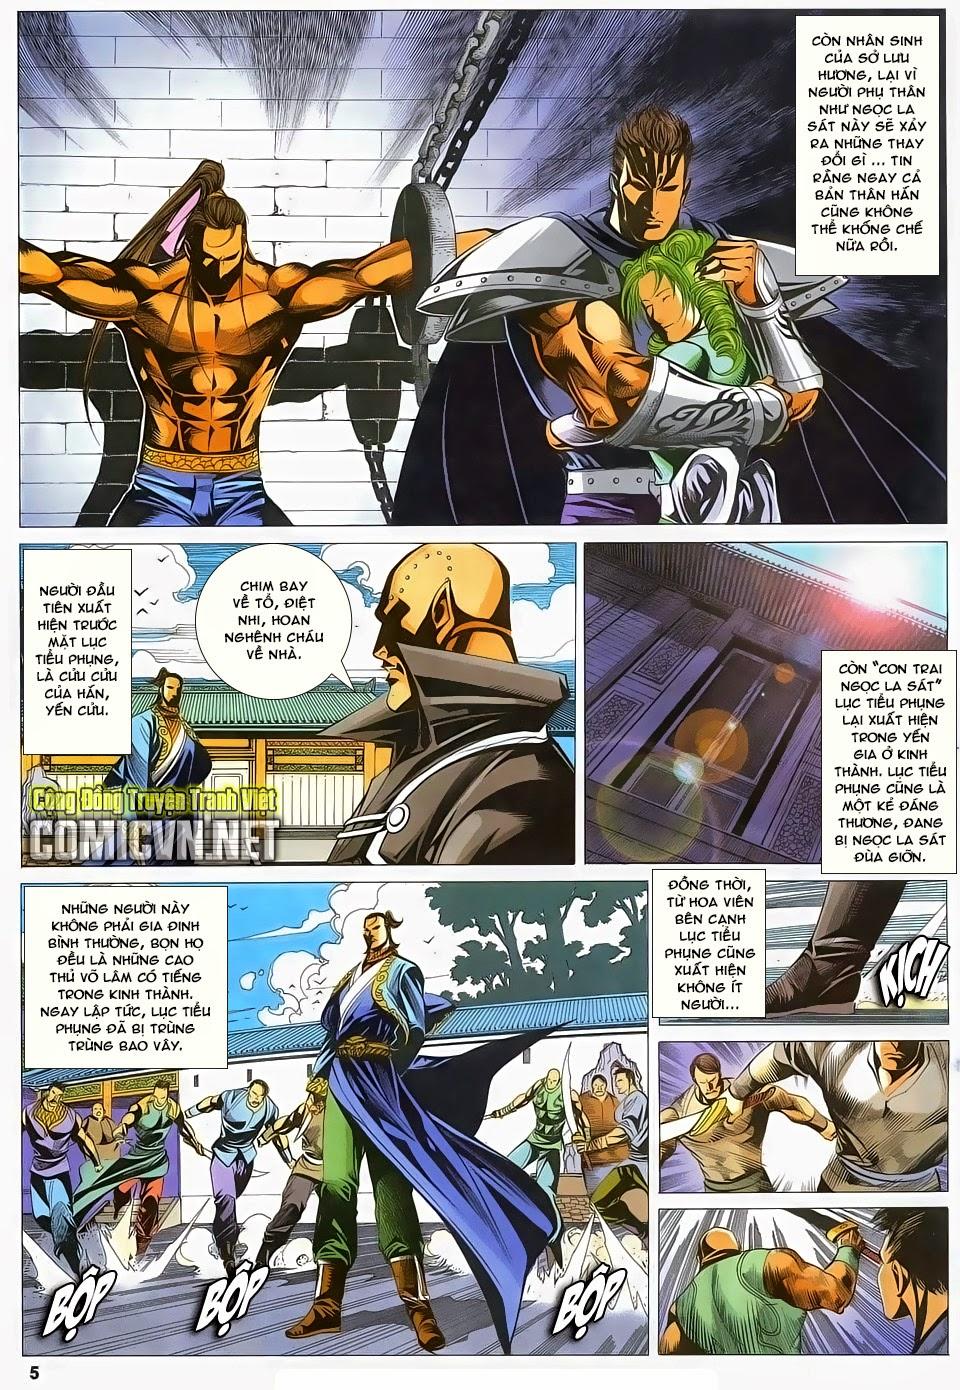 Cổ Long Quần Hiệp Truyện chap 83 - Trang 5